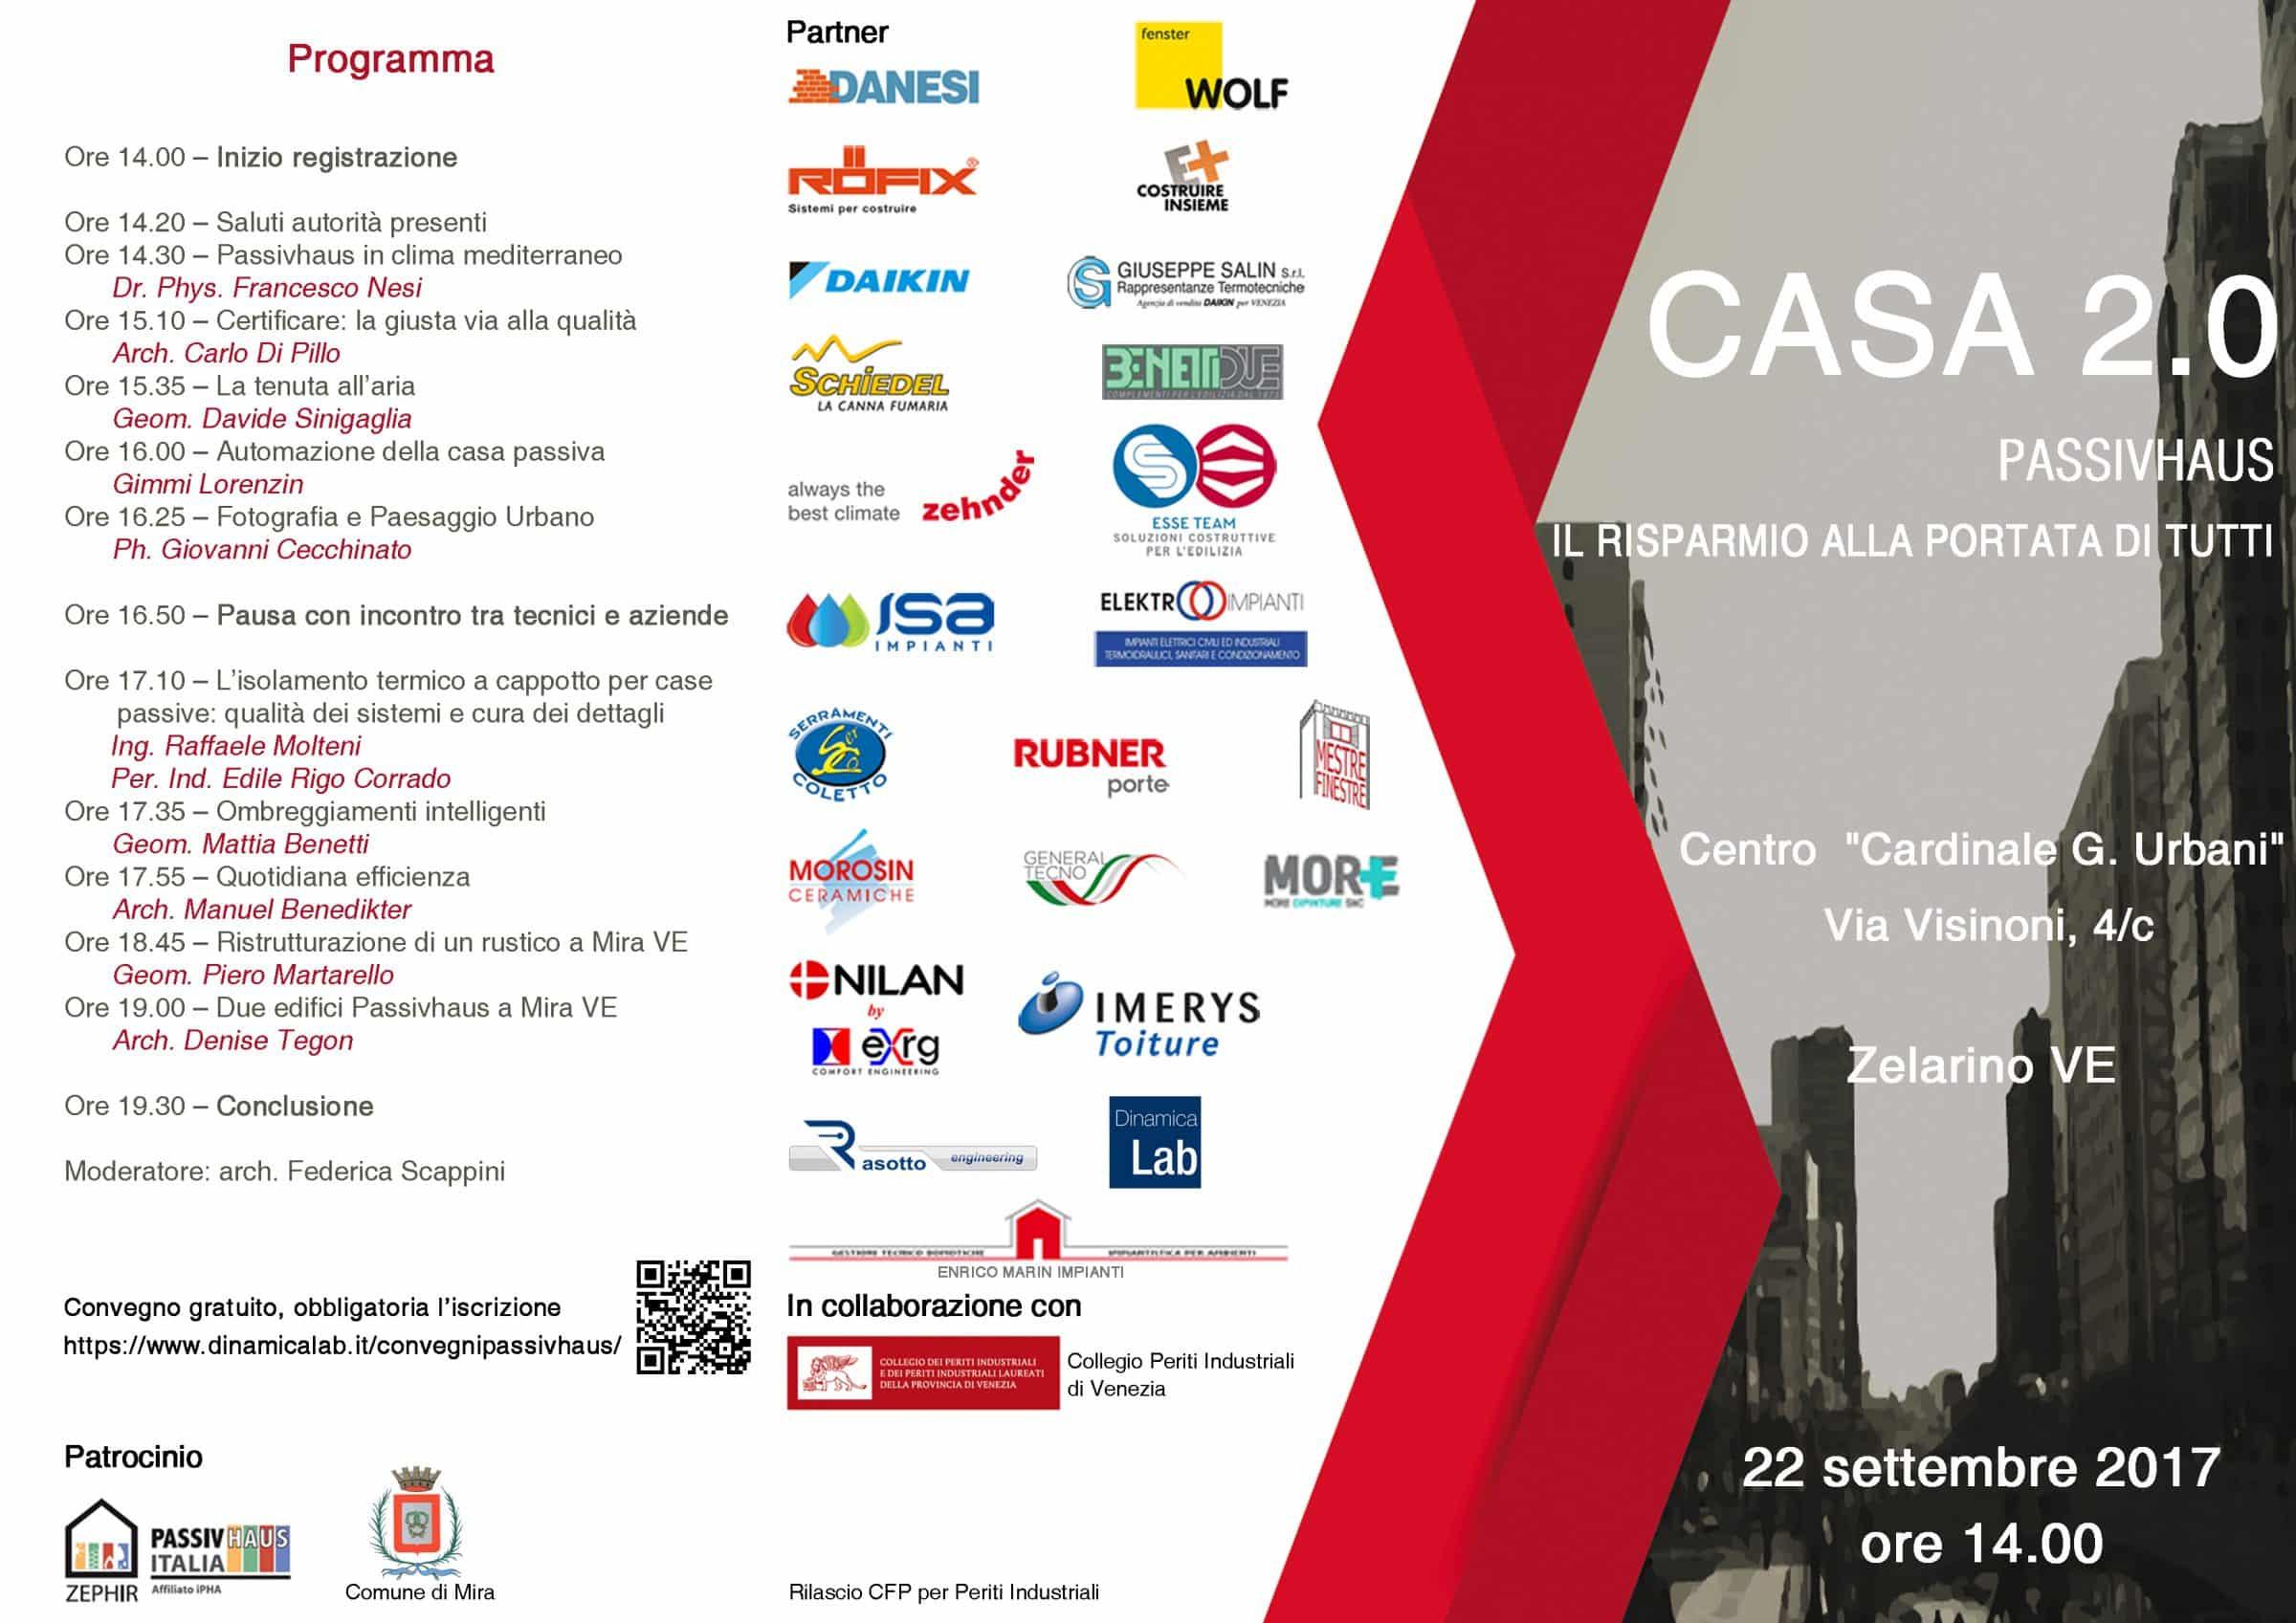 """<span class=""""entry-title-primary"""">Convegno CASA 2.0 Passivhaus – Il Risparmio a portata a tutti</span> <span class=""""entry-subtitle"""">22 Settembre 2017 ore 14.00 a Zelarino (VE) con l'Arch. Denise Tegon e il patrocinio di Zephir Passivhaus Italia</span>"""